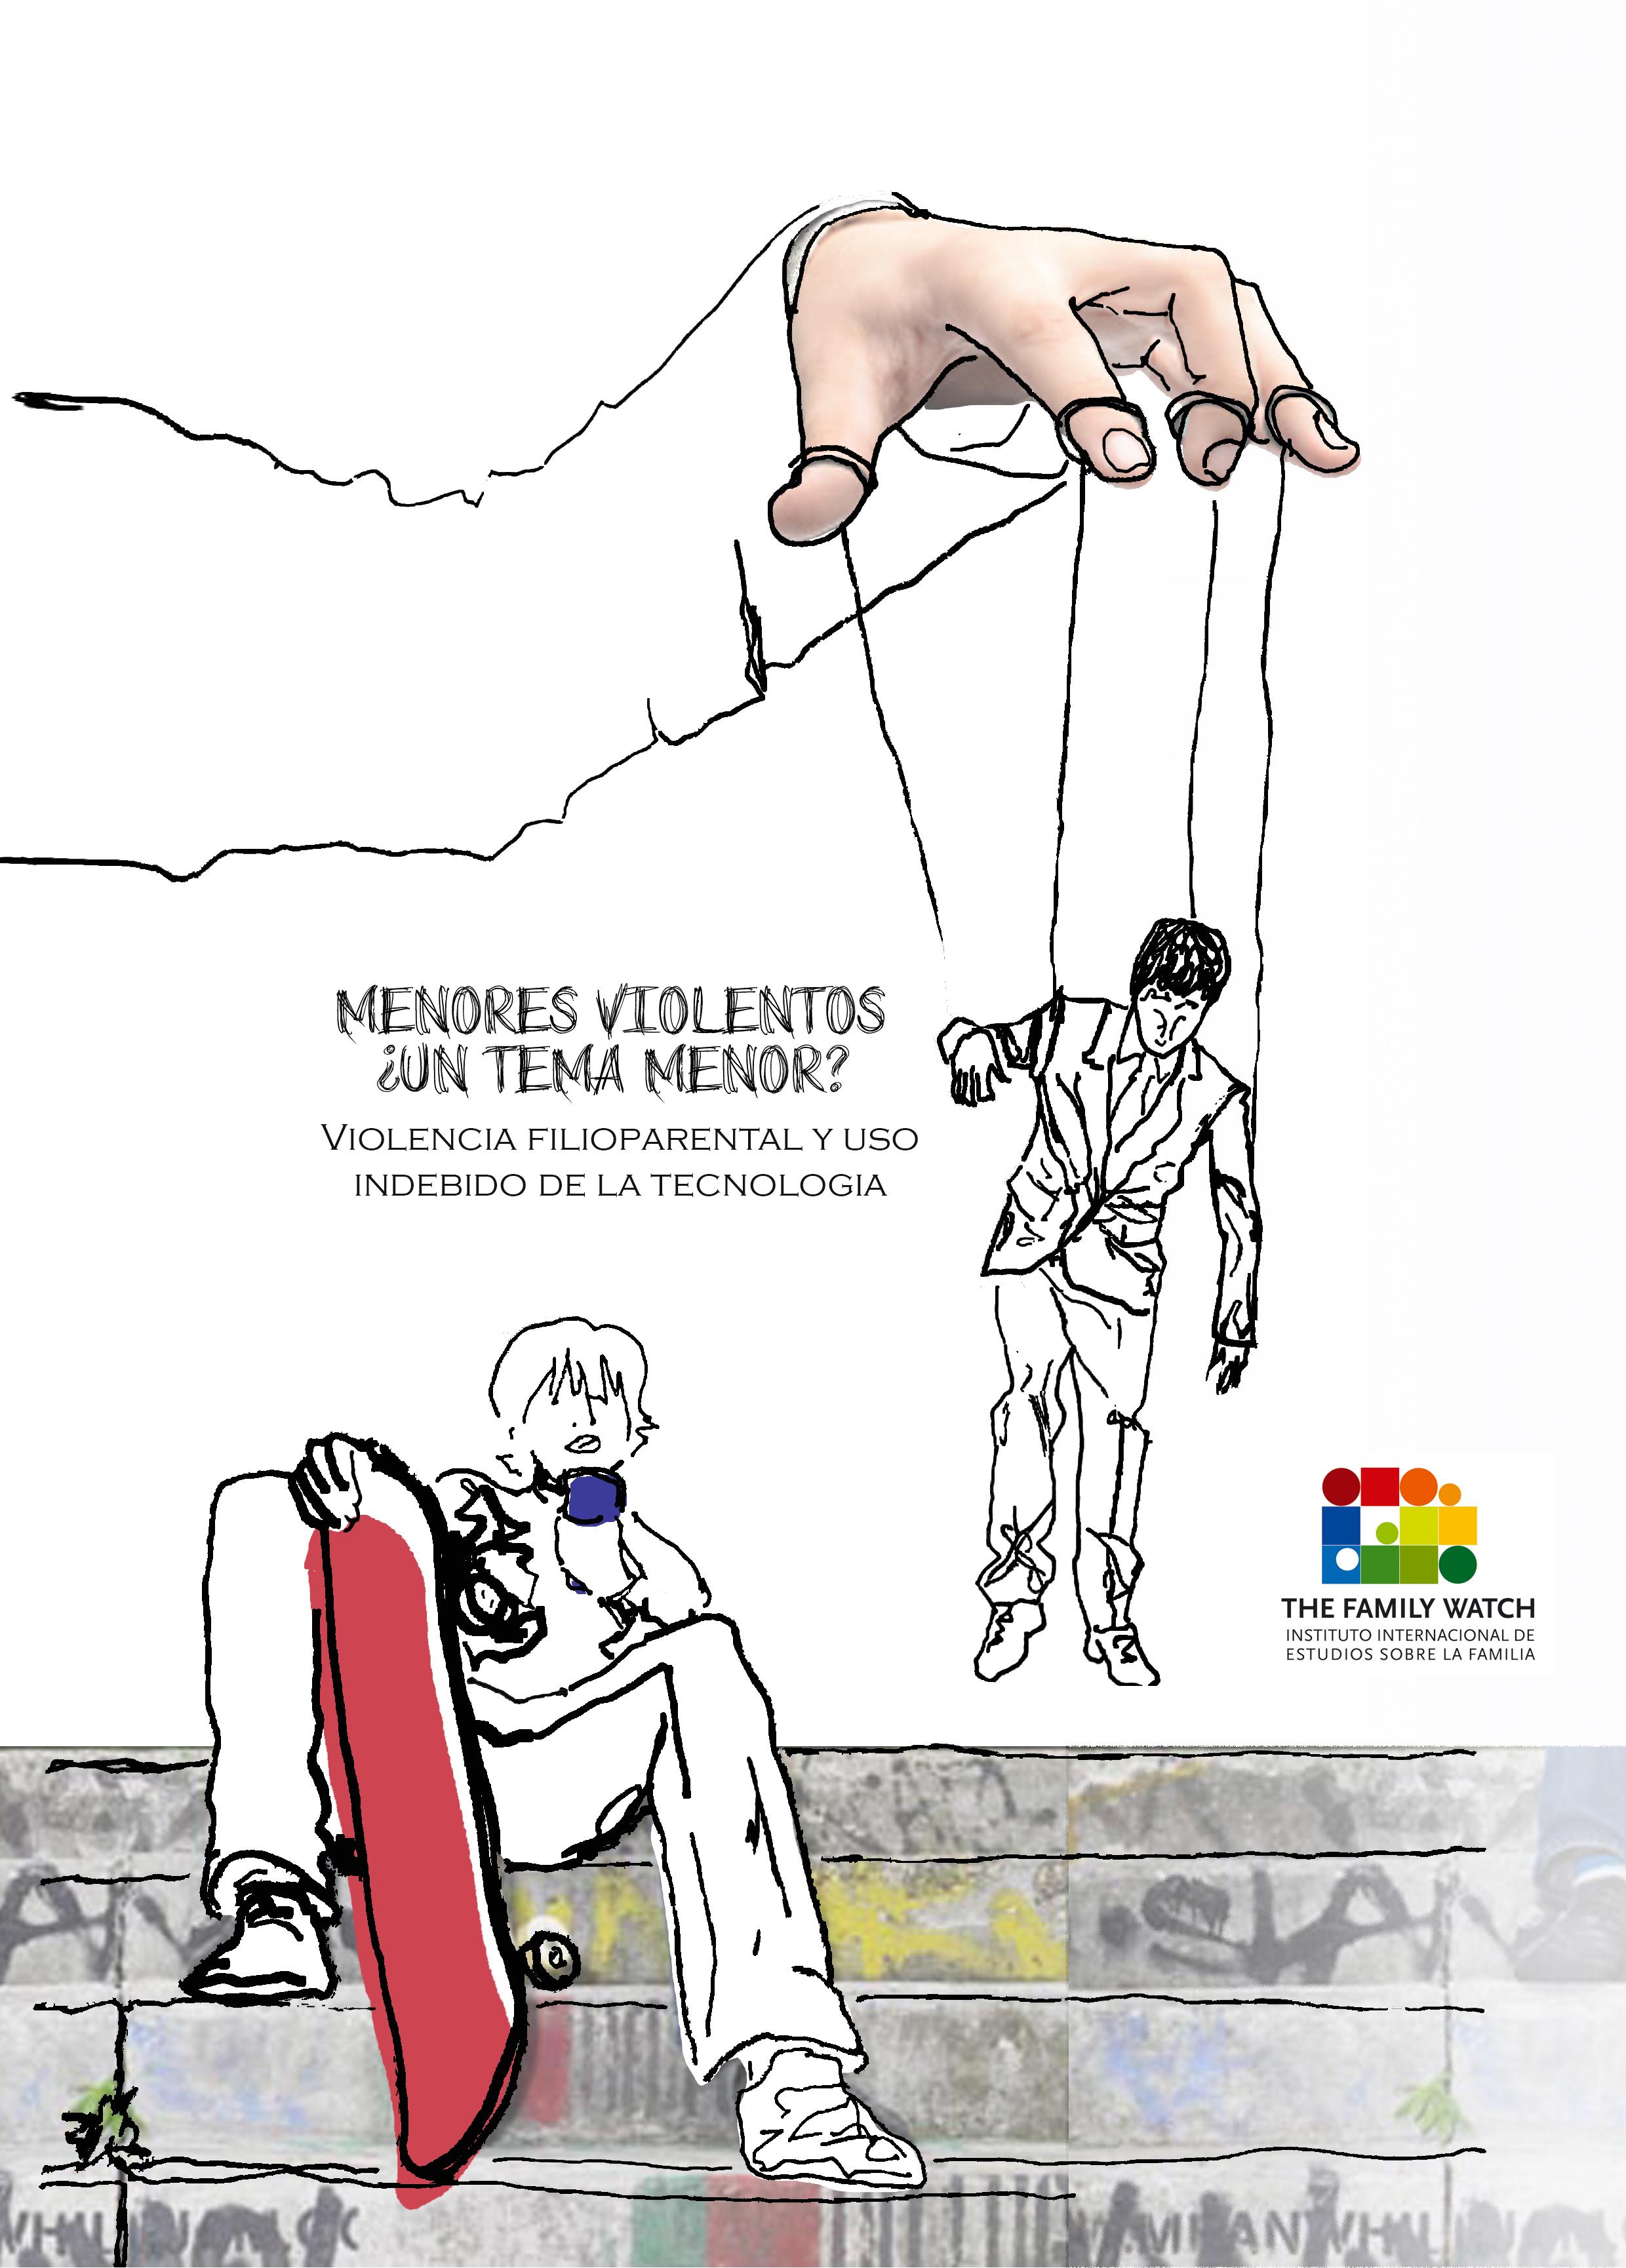 Informe sobre violencia filioparental y uso indebido de la tecnología: